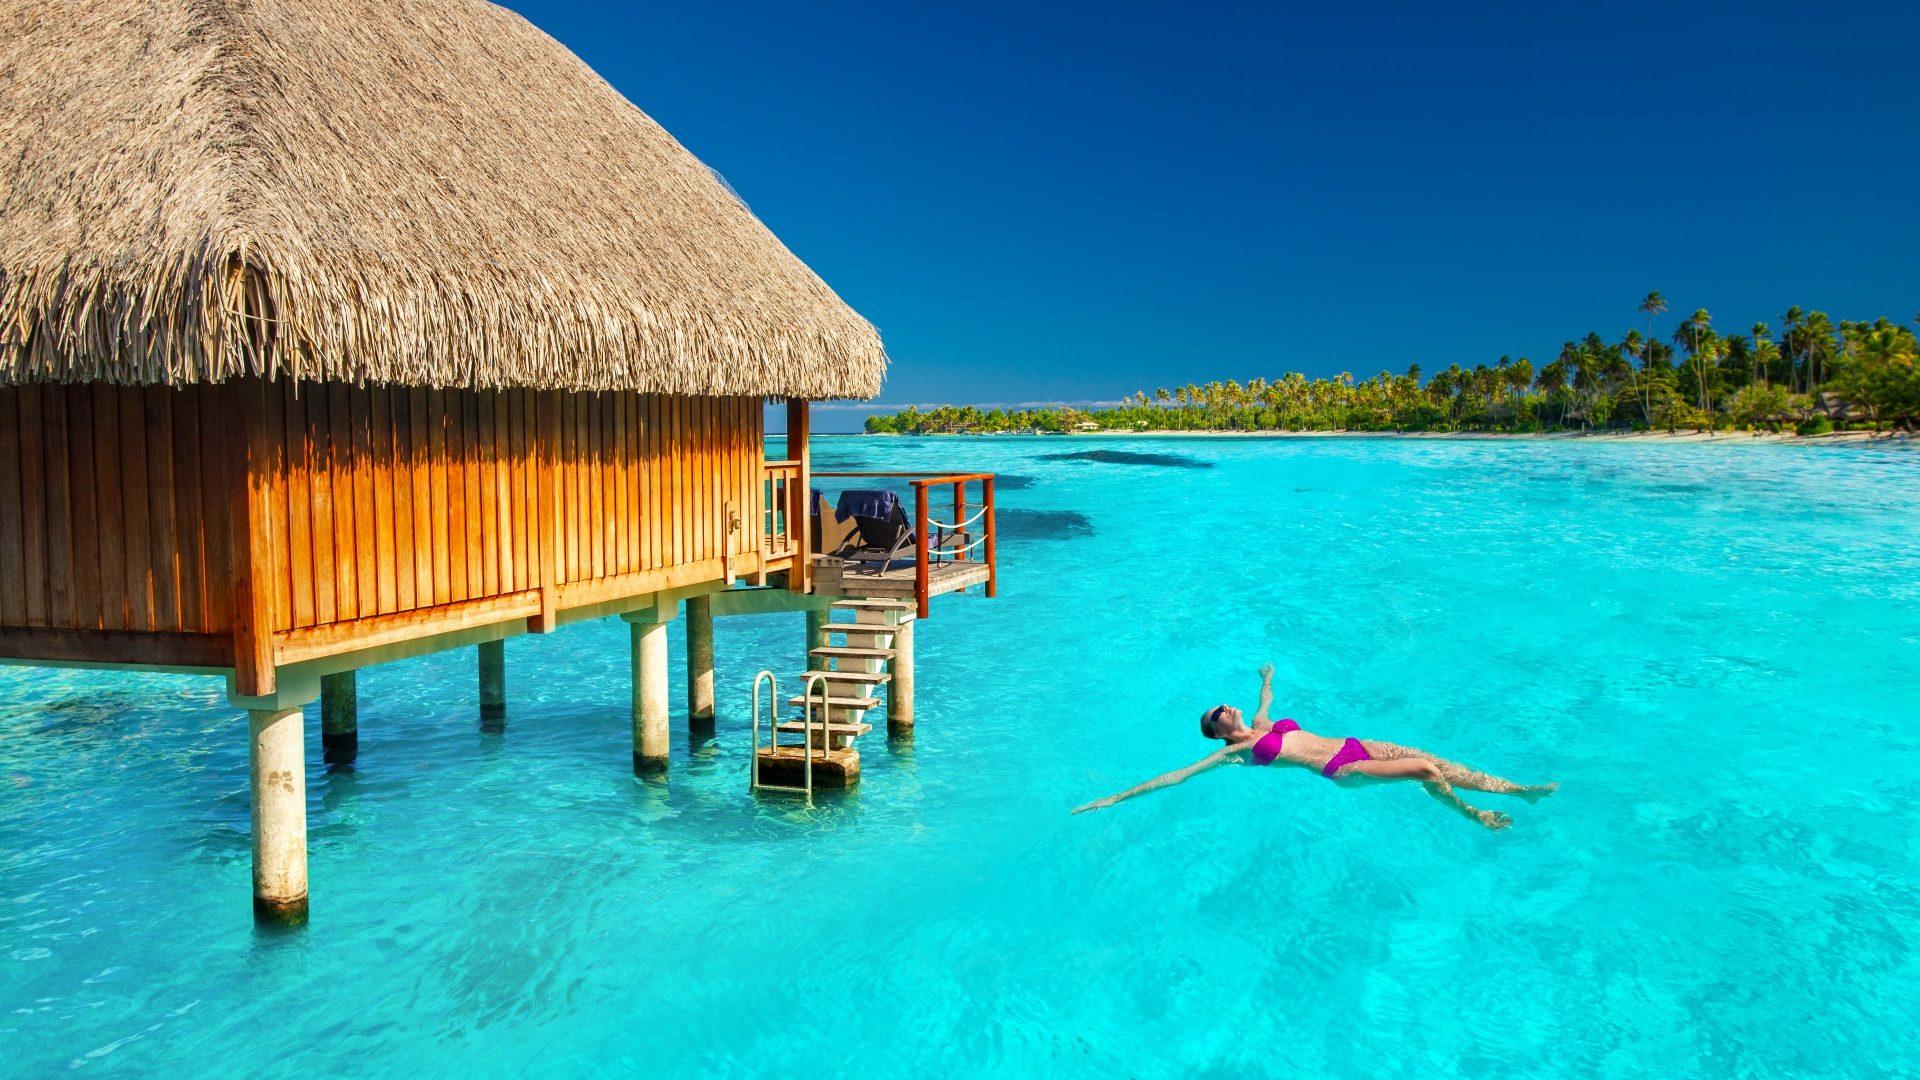 Billigflüge nach Malediven